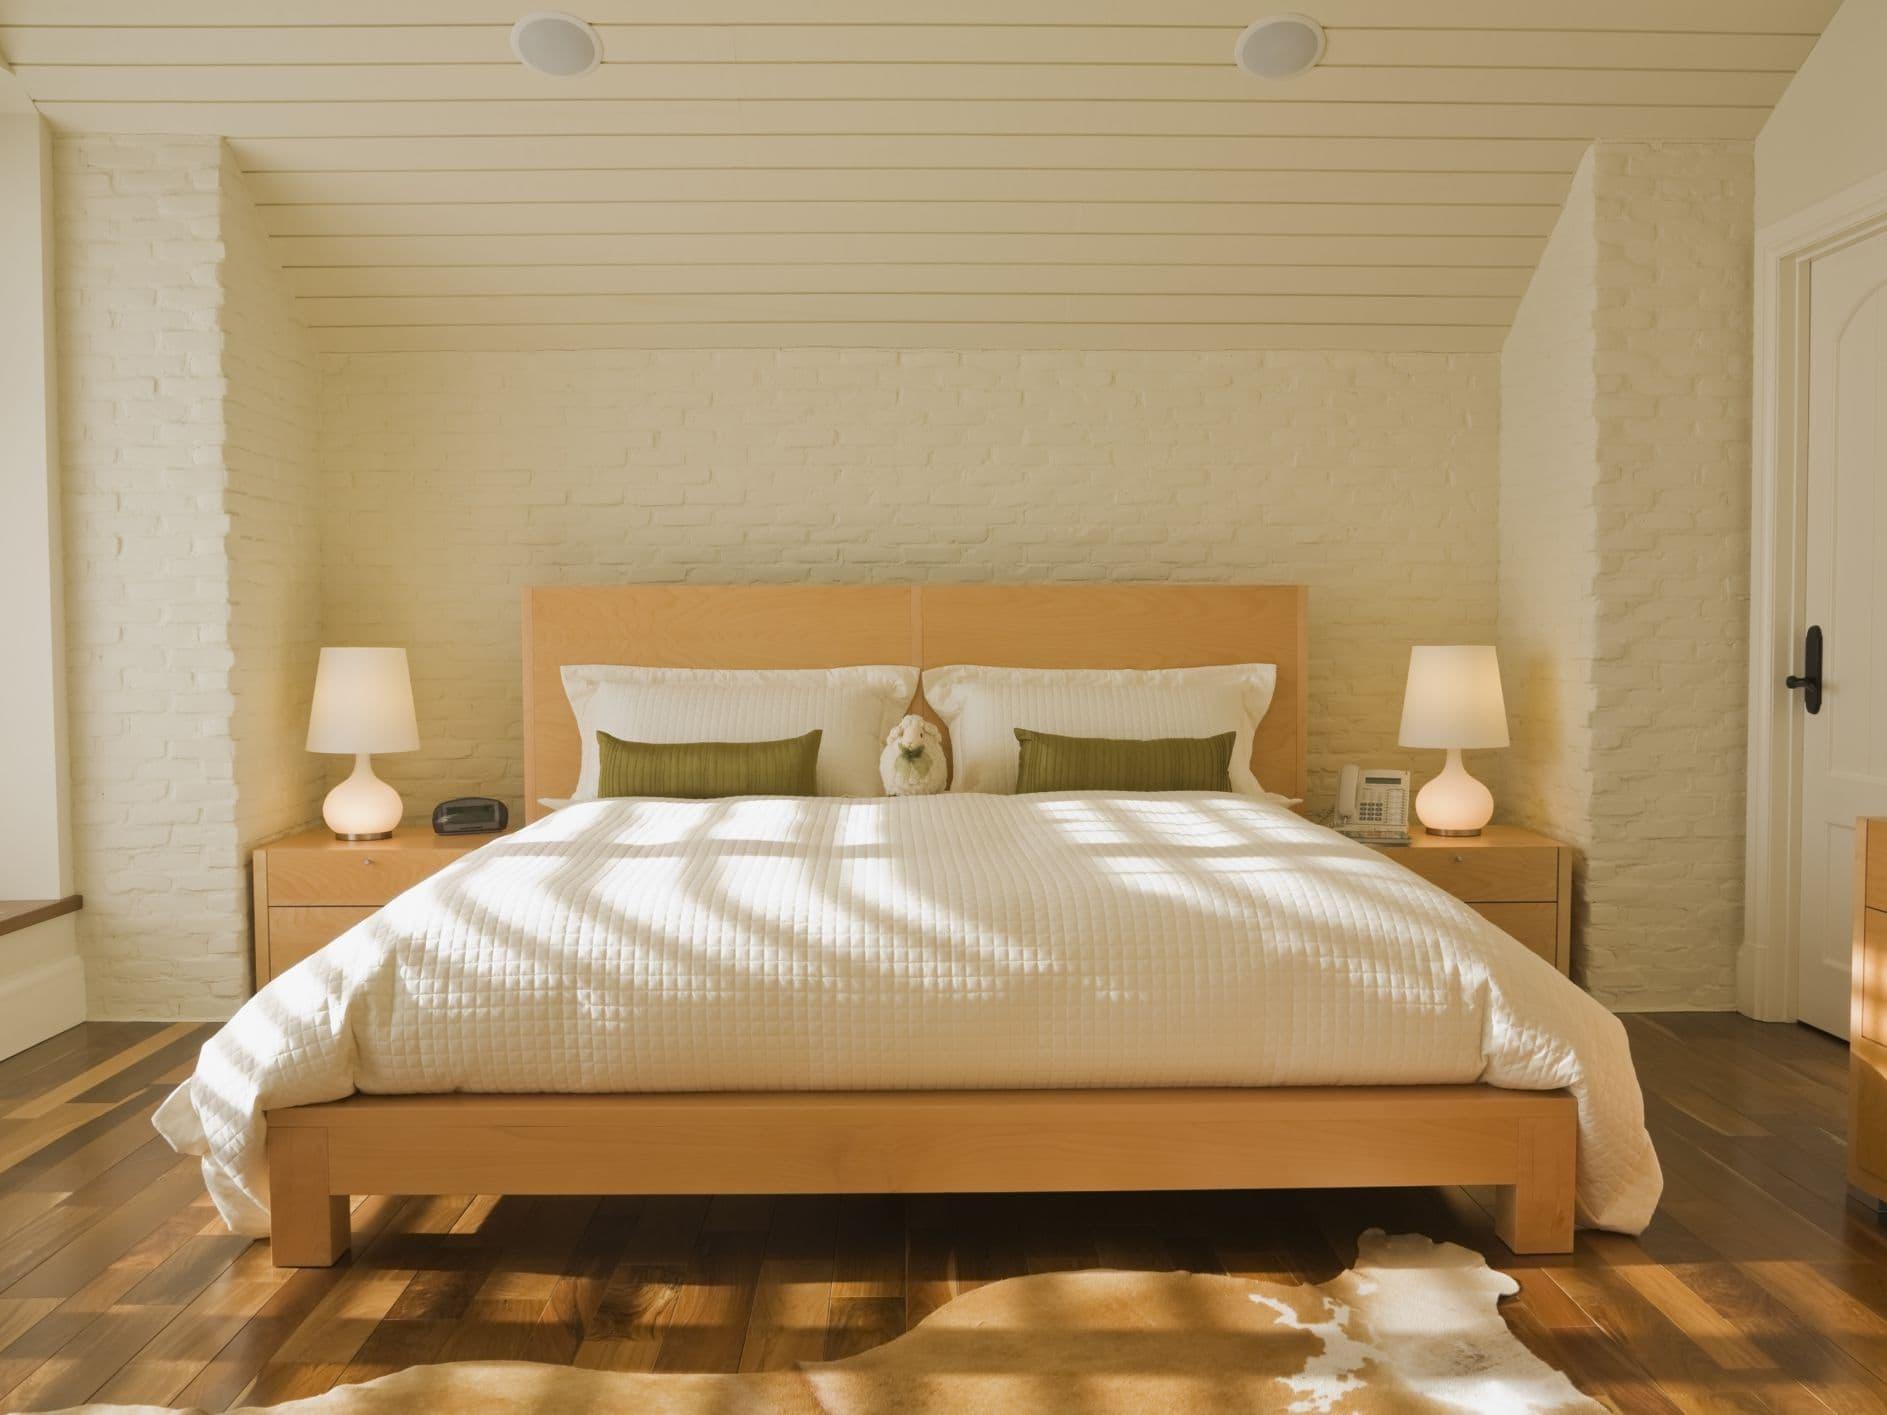 So steigern Sie die Produktivität, indem Sie Ihr Schlafzimmer neu ordnen